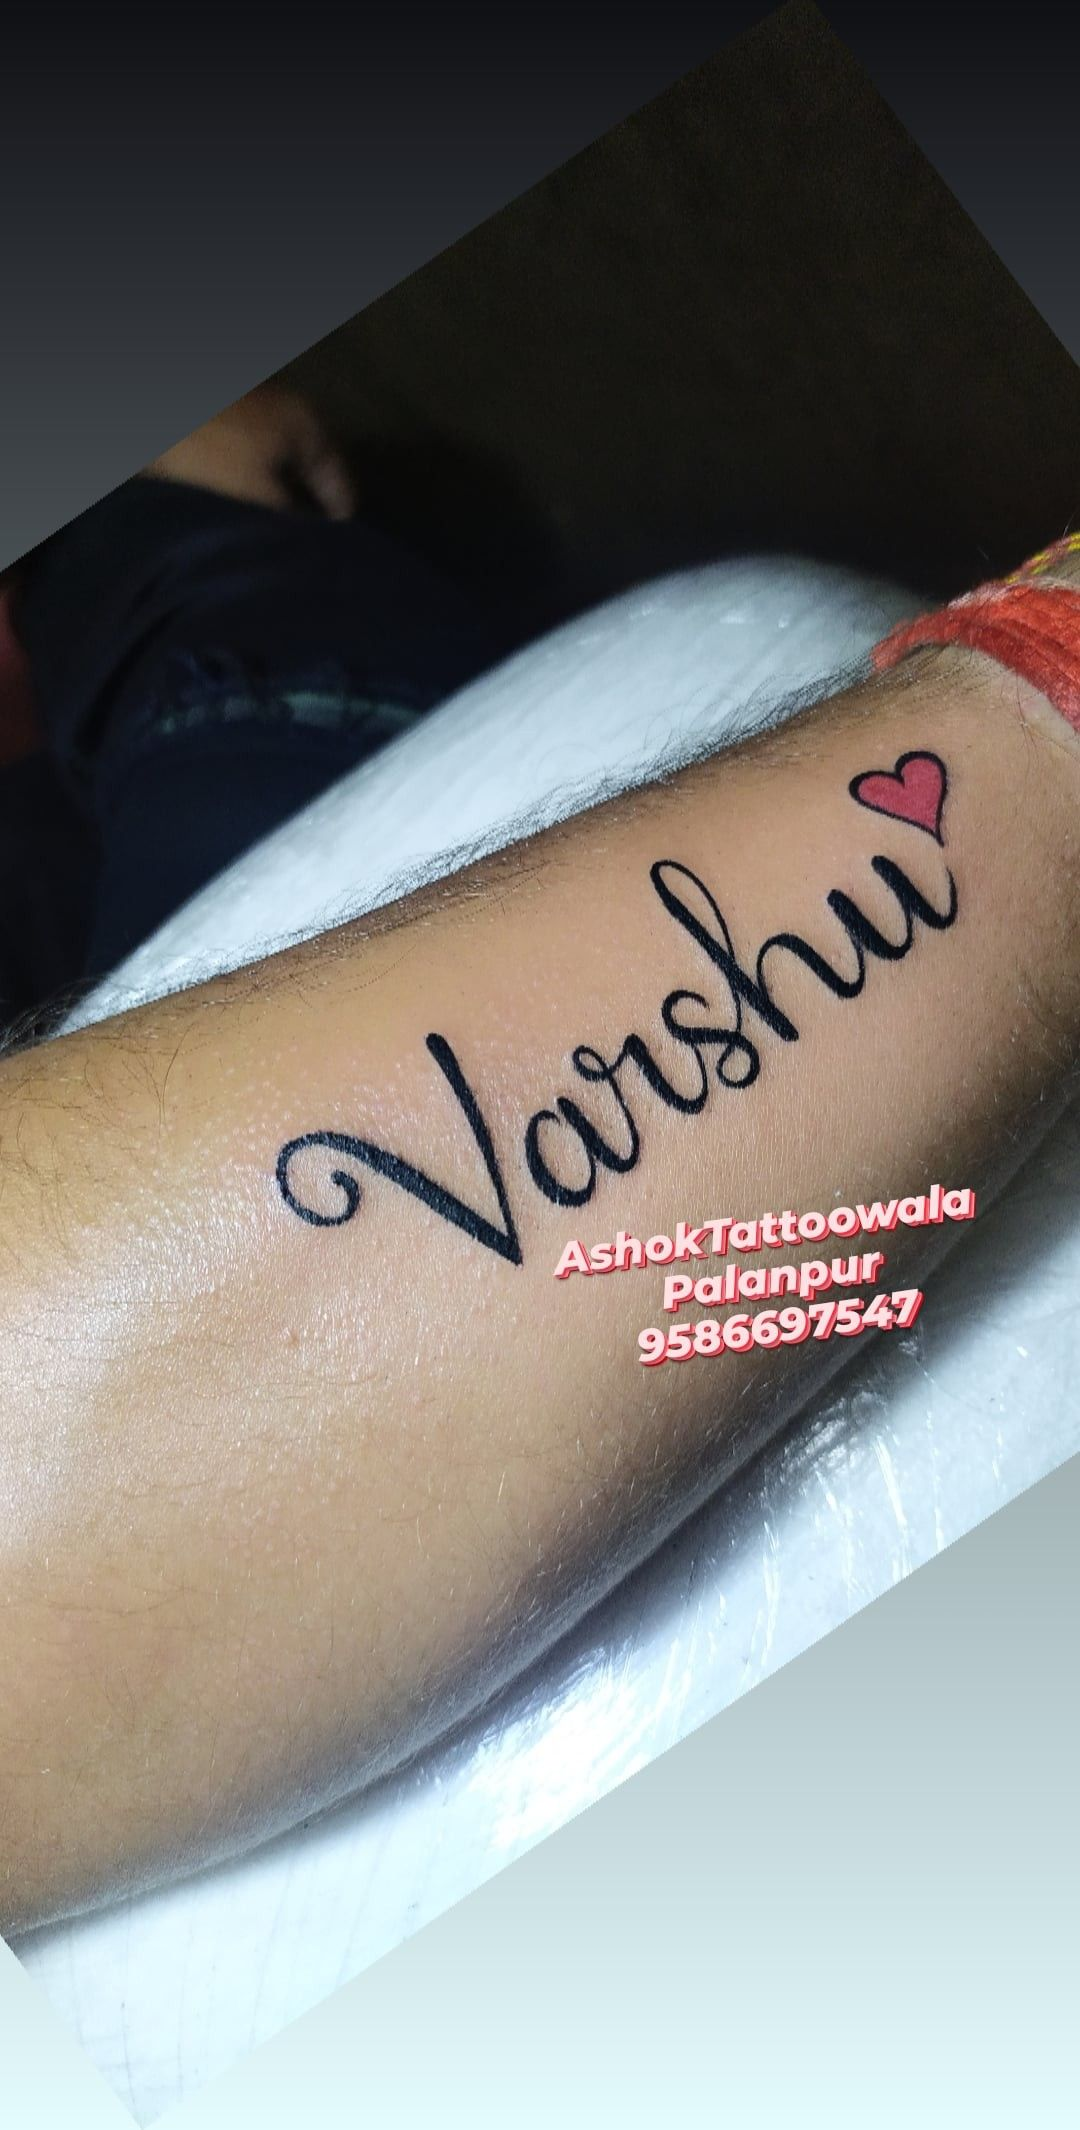 Varshu Name Tattoo Name Tattoo Tattoo Quotes Fish Tattoos Raja name tattoo wallpaper